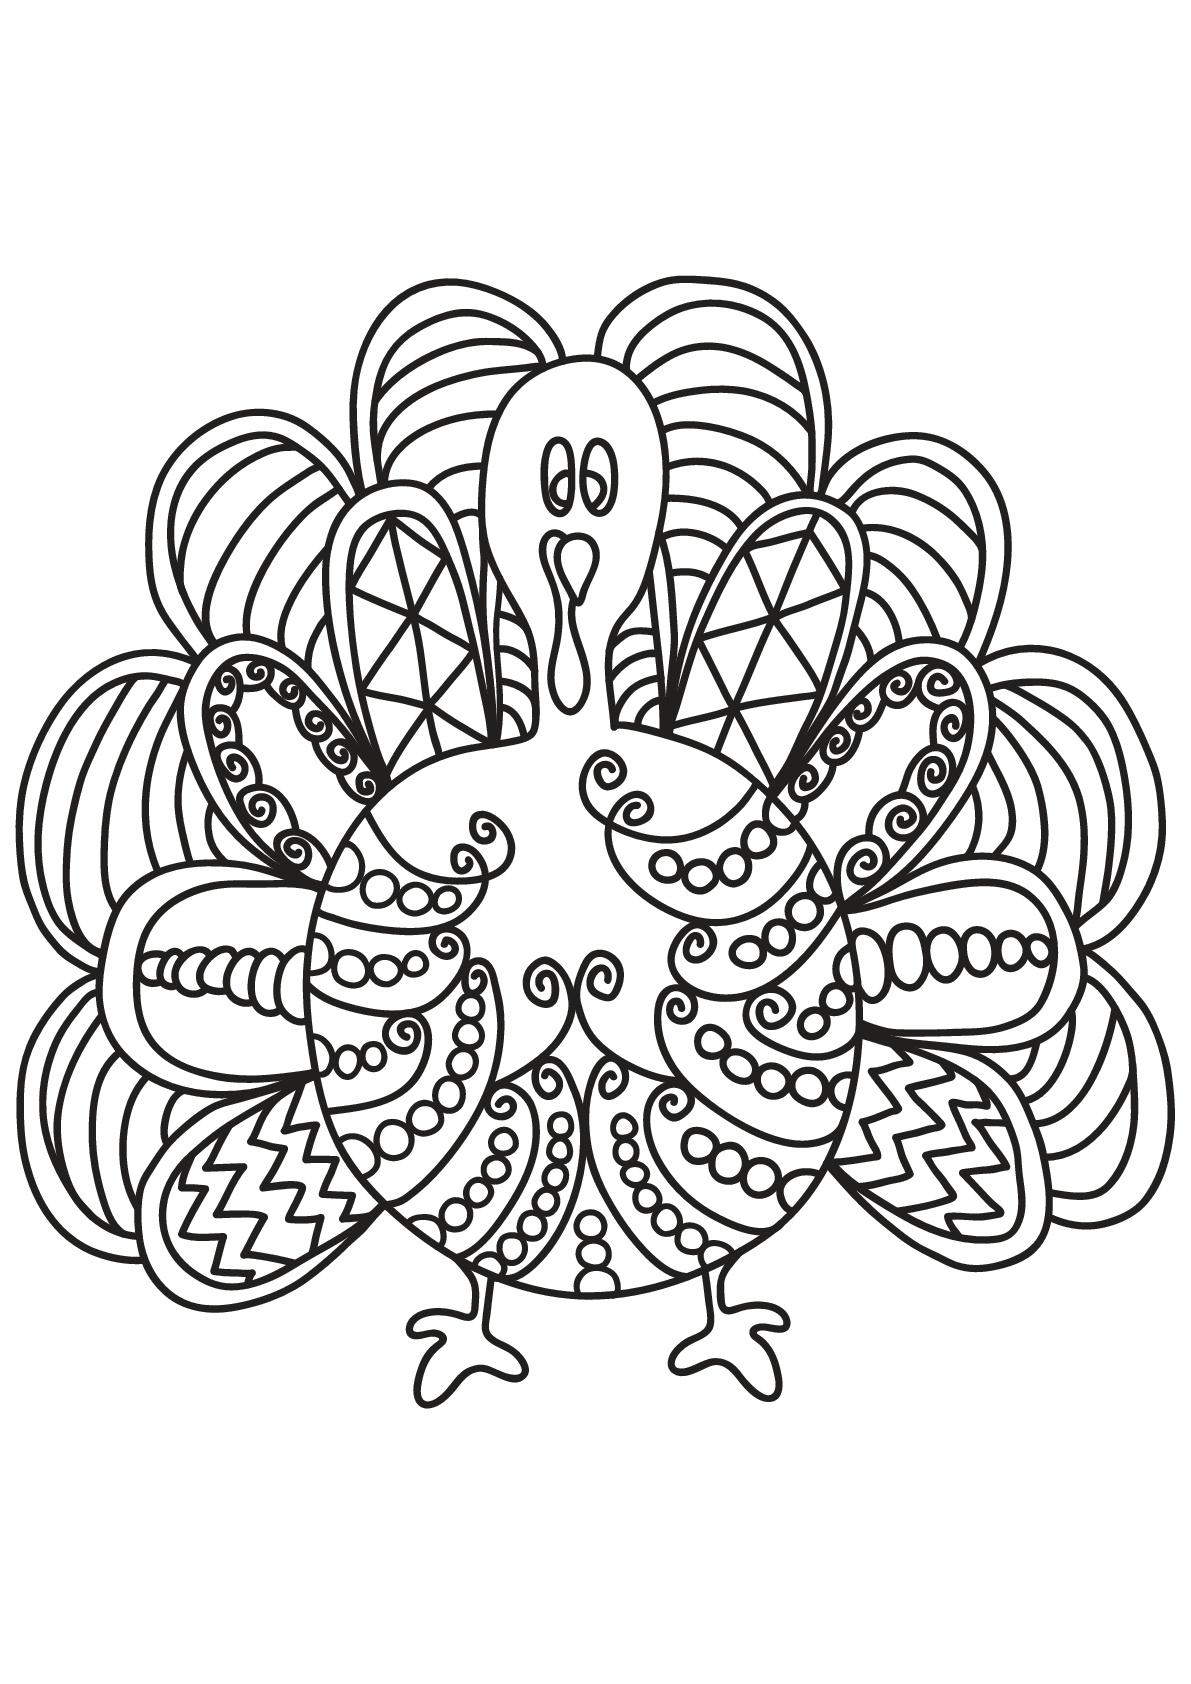 Jolie dinde coloriage d 39 oiseaux coloriages pour enfants - Coloriage jolie ...